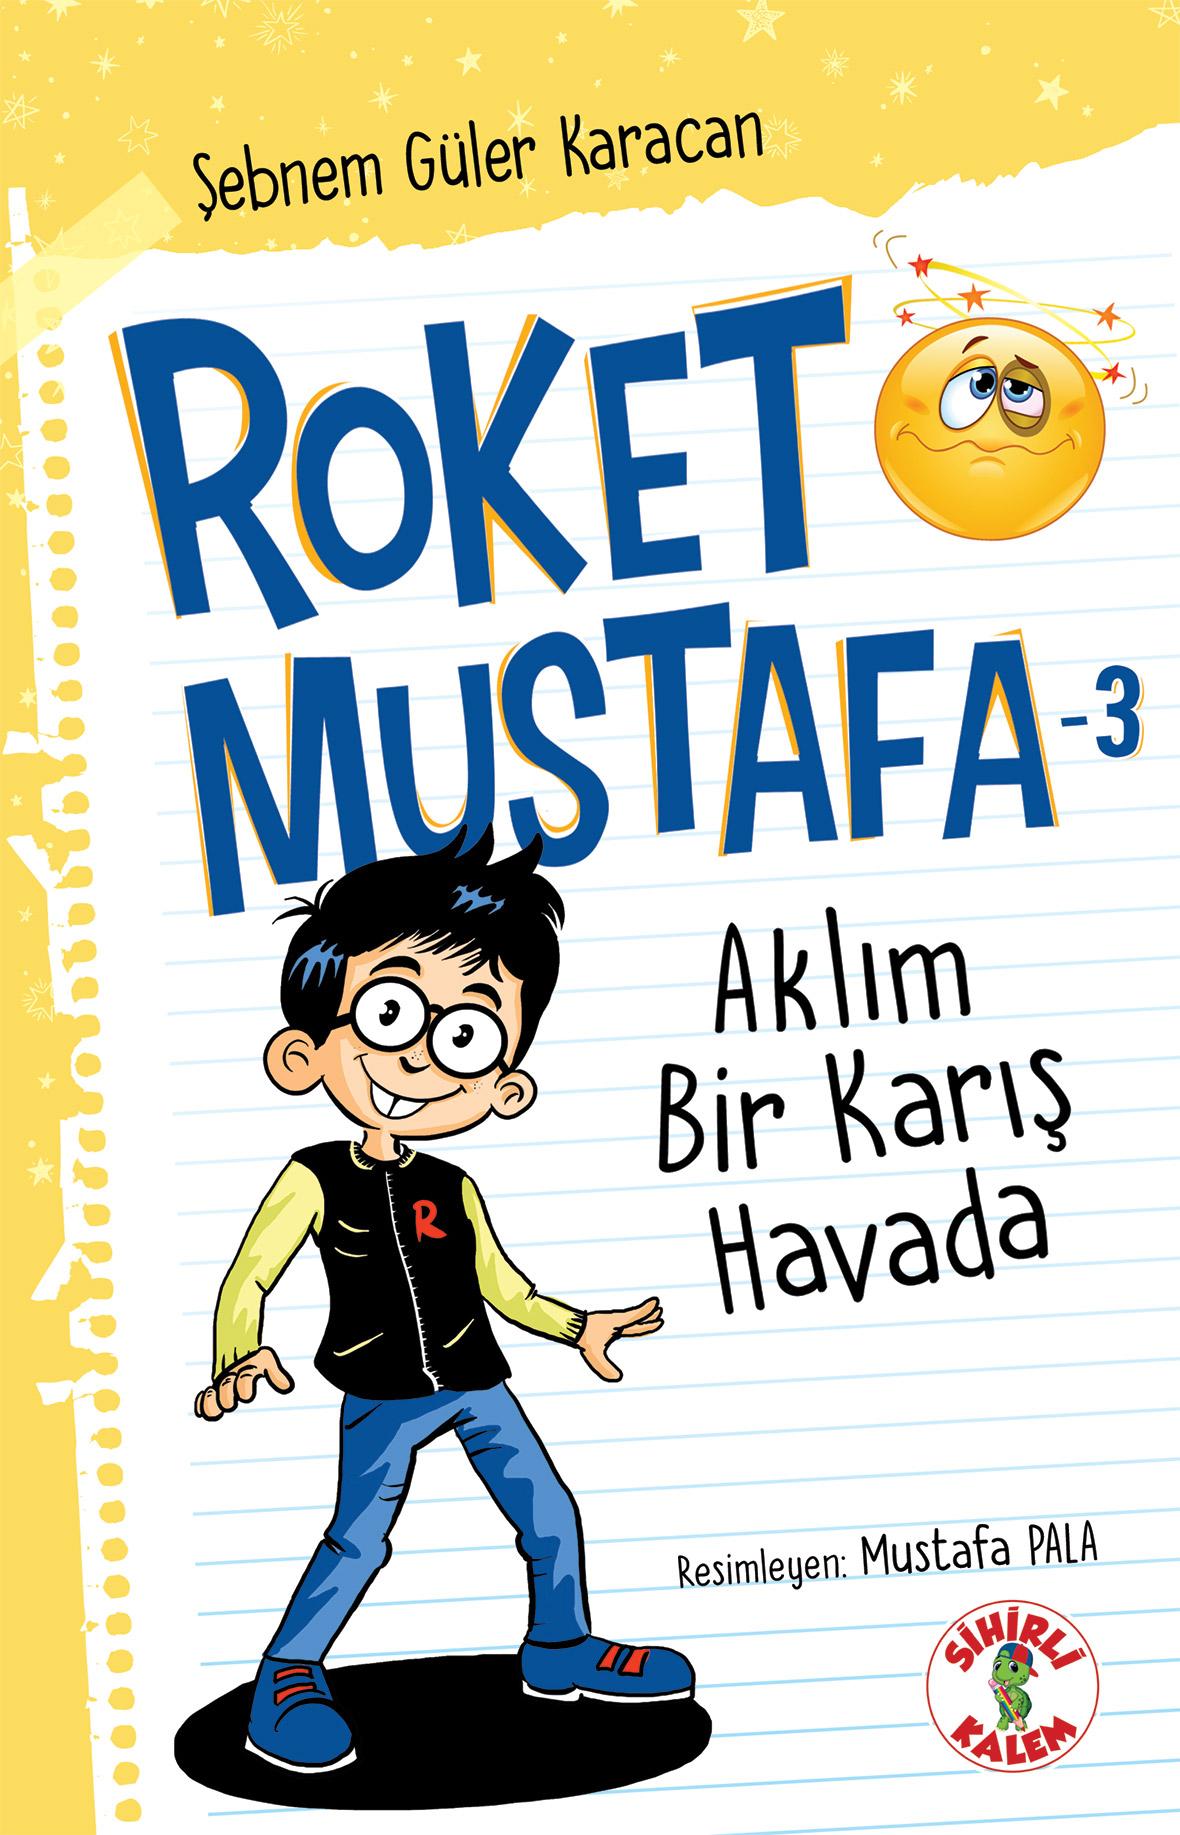 Roket Mustafa -3 - Aklım Bir Karış Havada